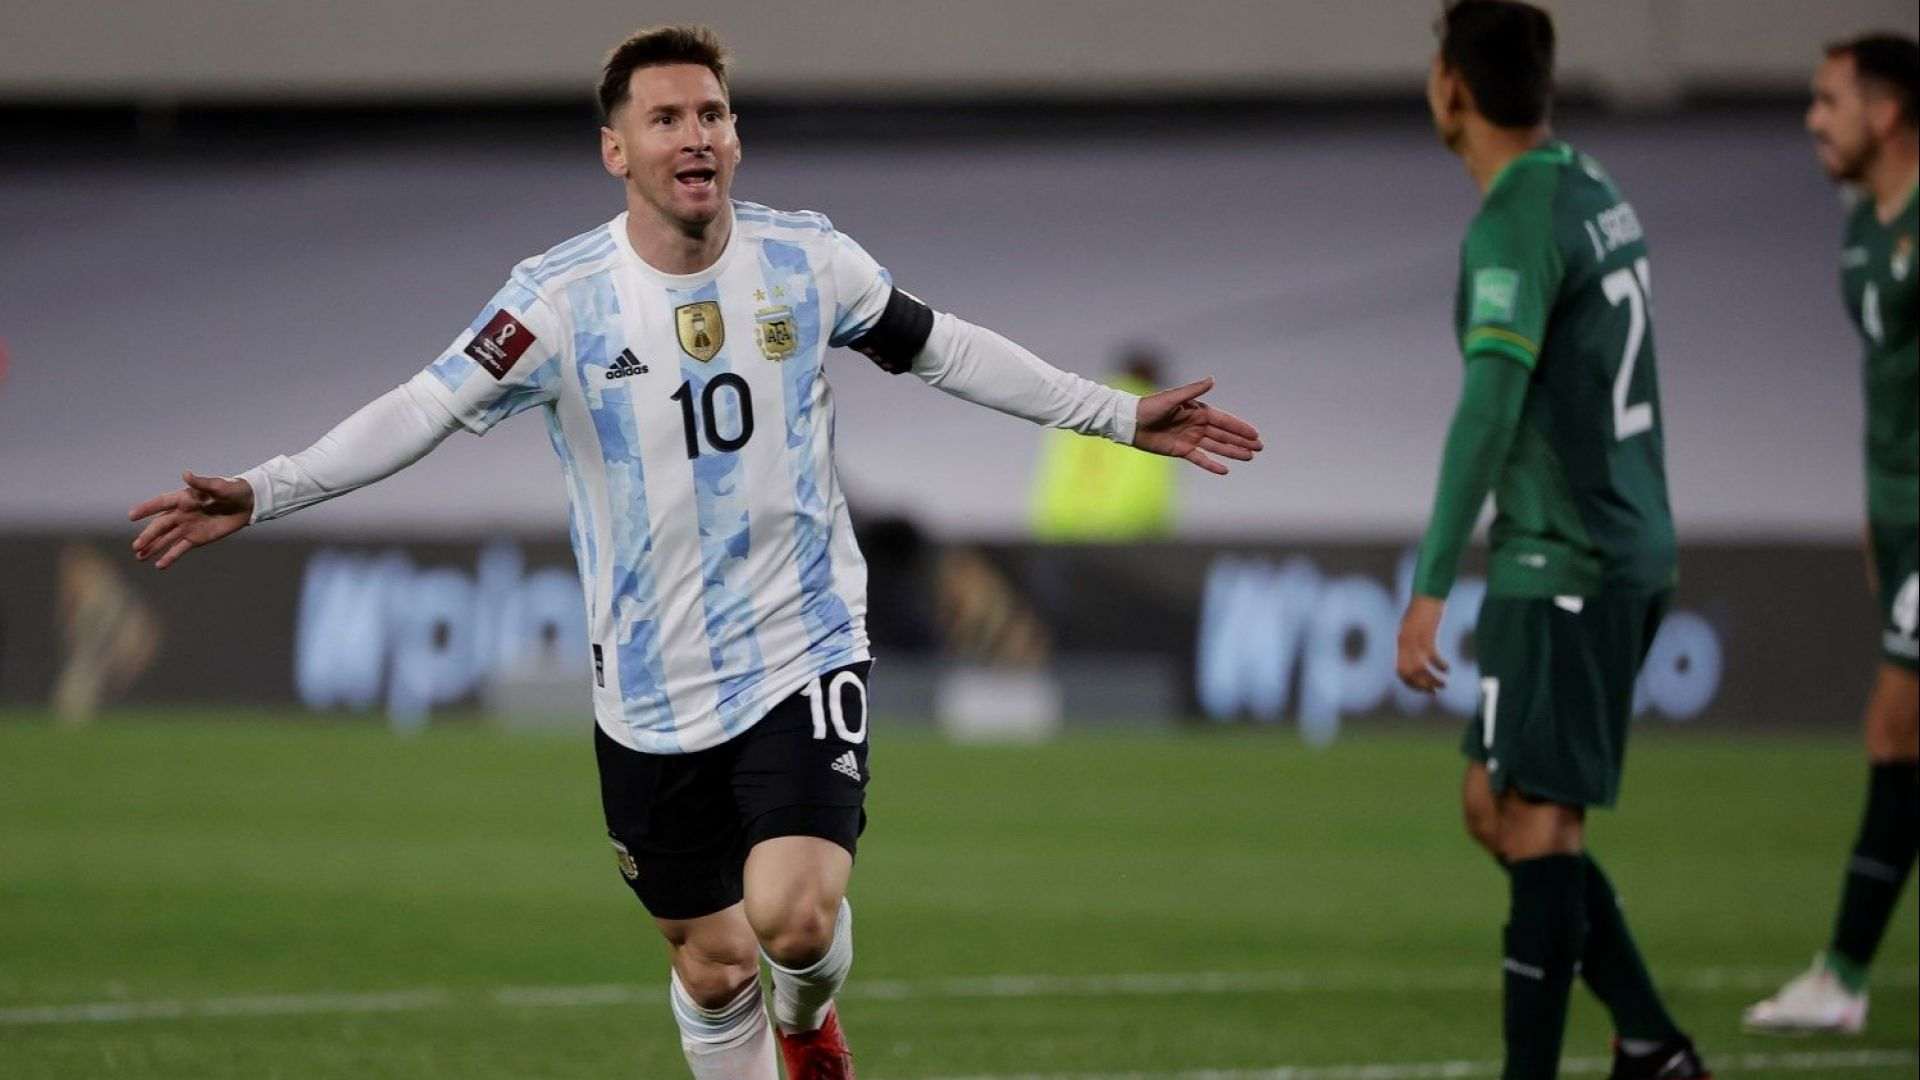 Магическа нощ в Буенос Айрес - Меси показа купата и надмина Пеле по голове